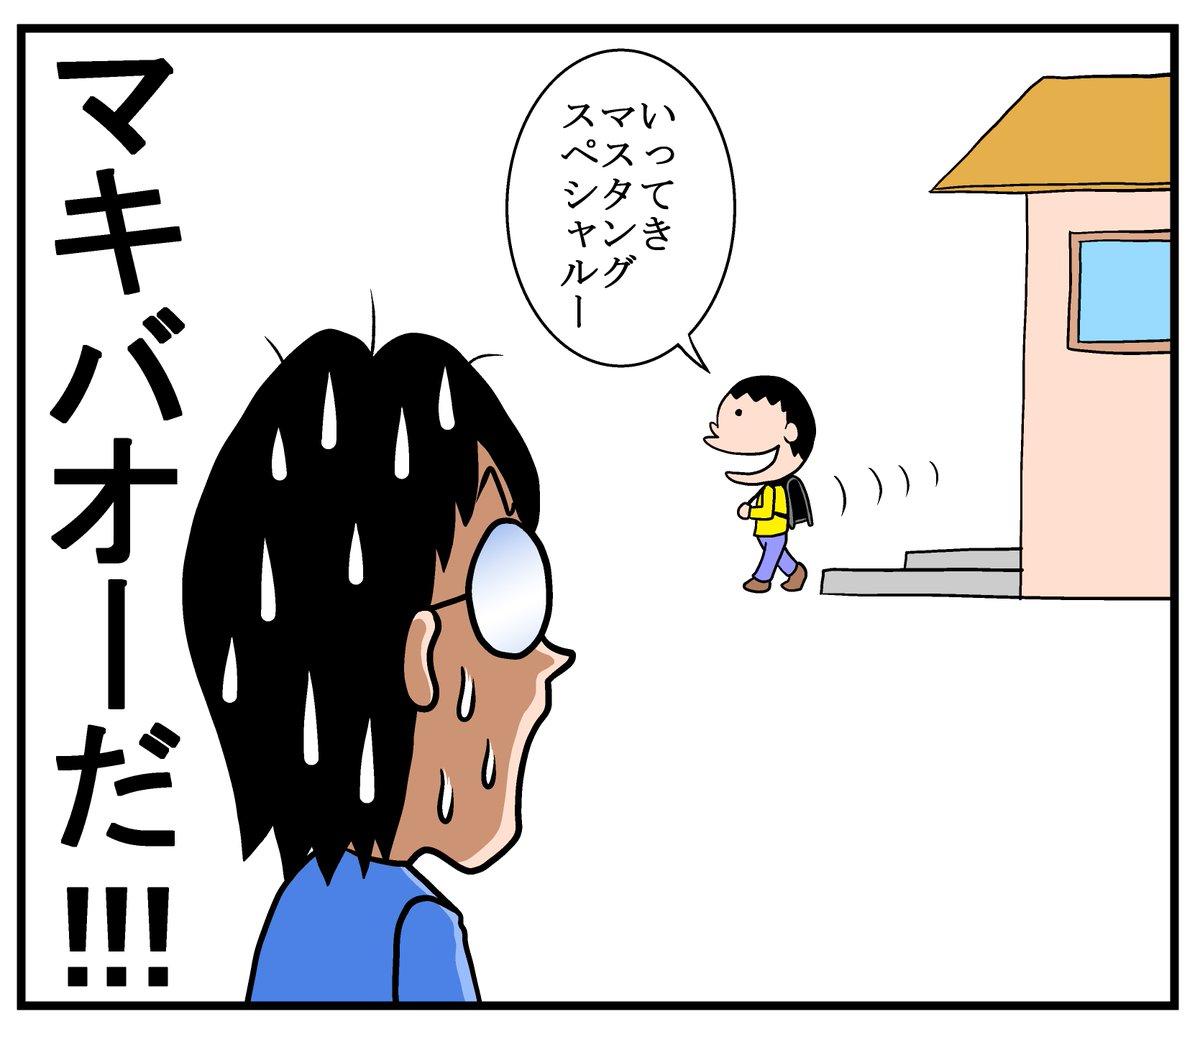 曽山一寿さんの投稿画像